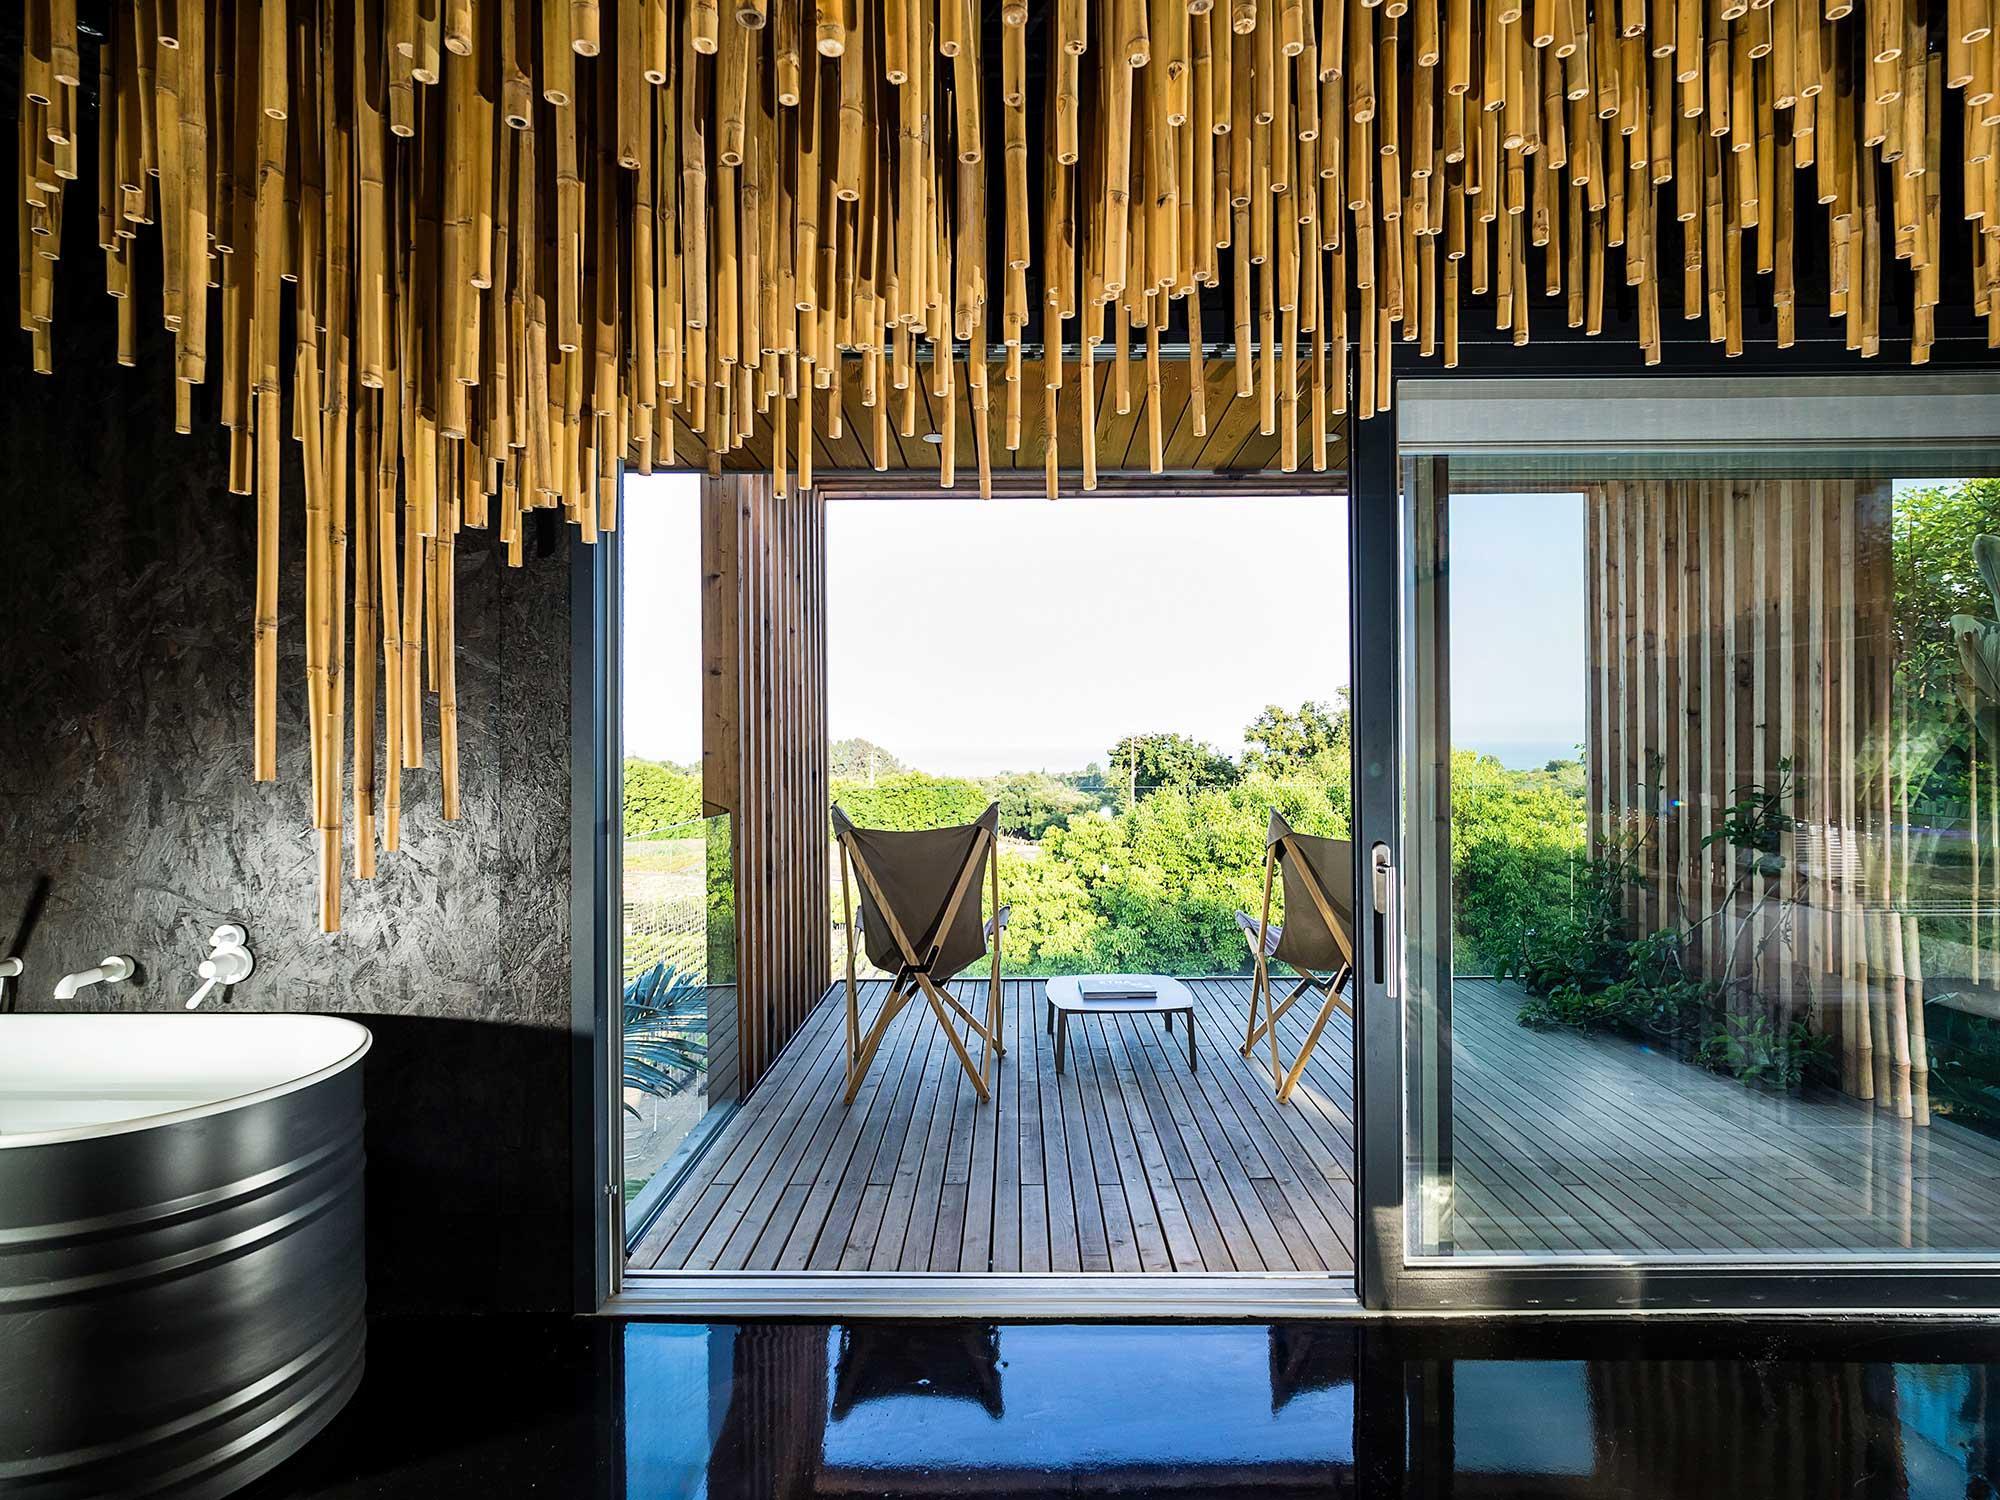 Baignoire dans salle de bain design avec mur noir en ardoise et bambou suspendu au dessus, vue sur terrasse privative et horizon verdoyant